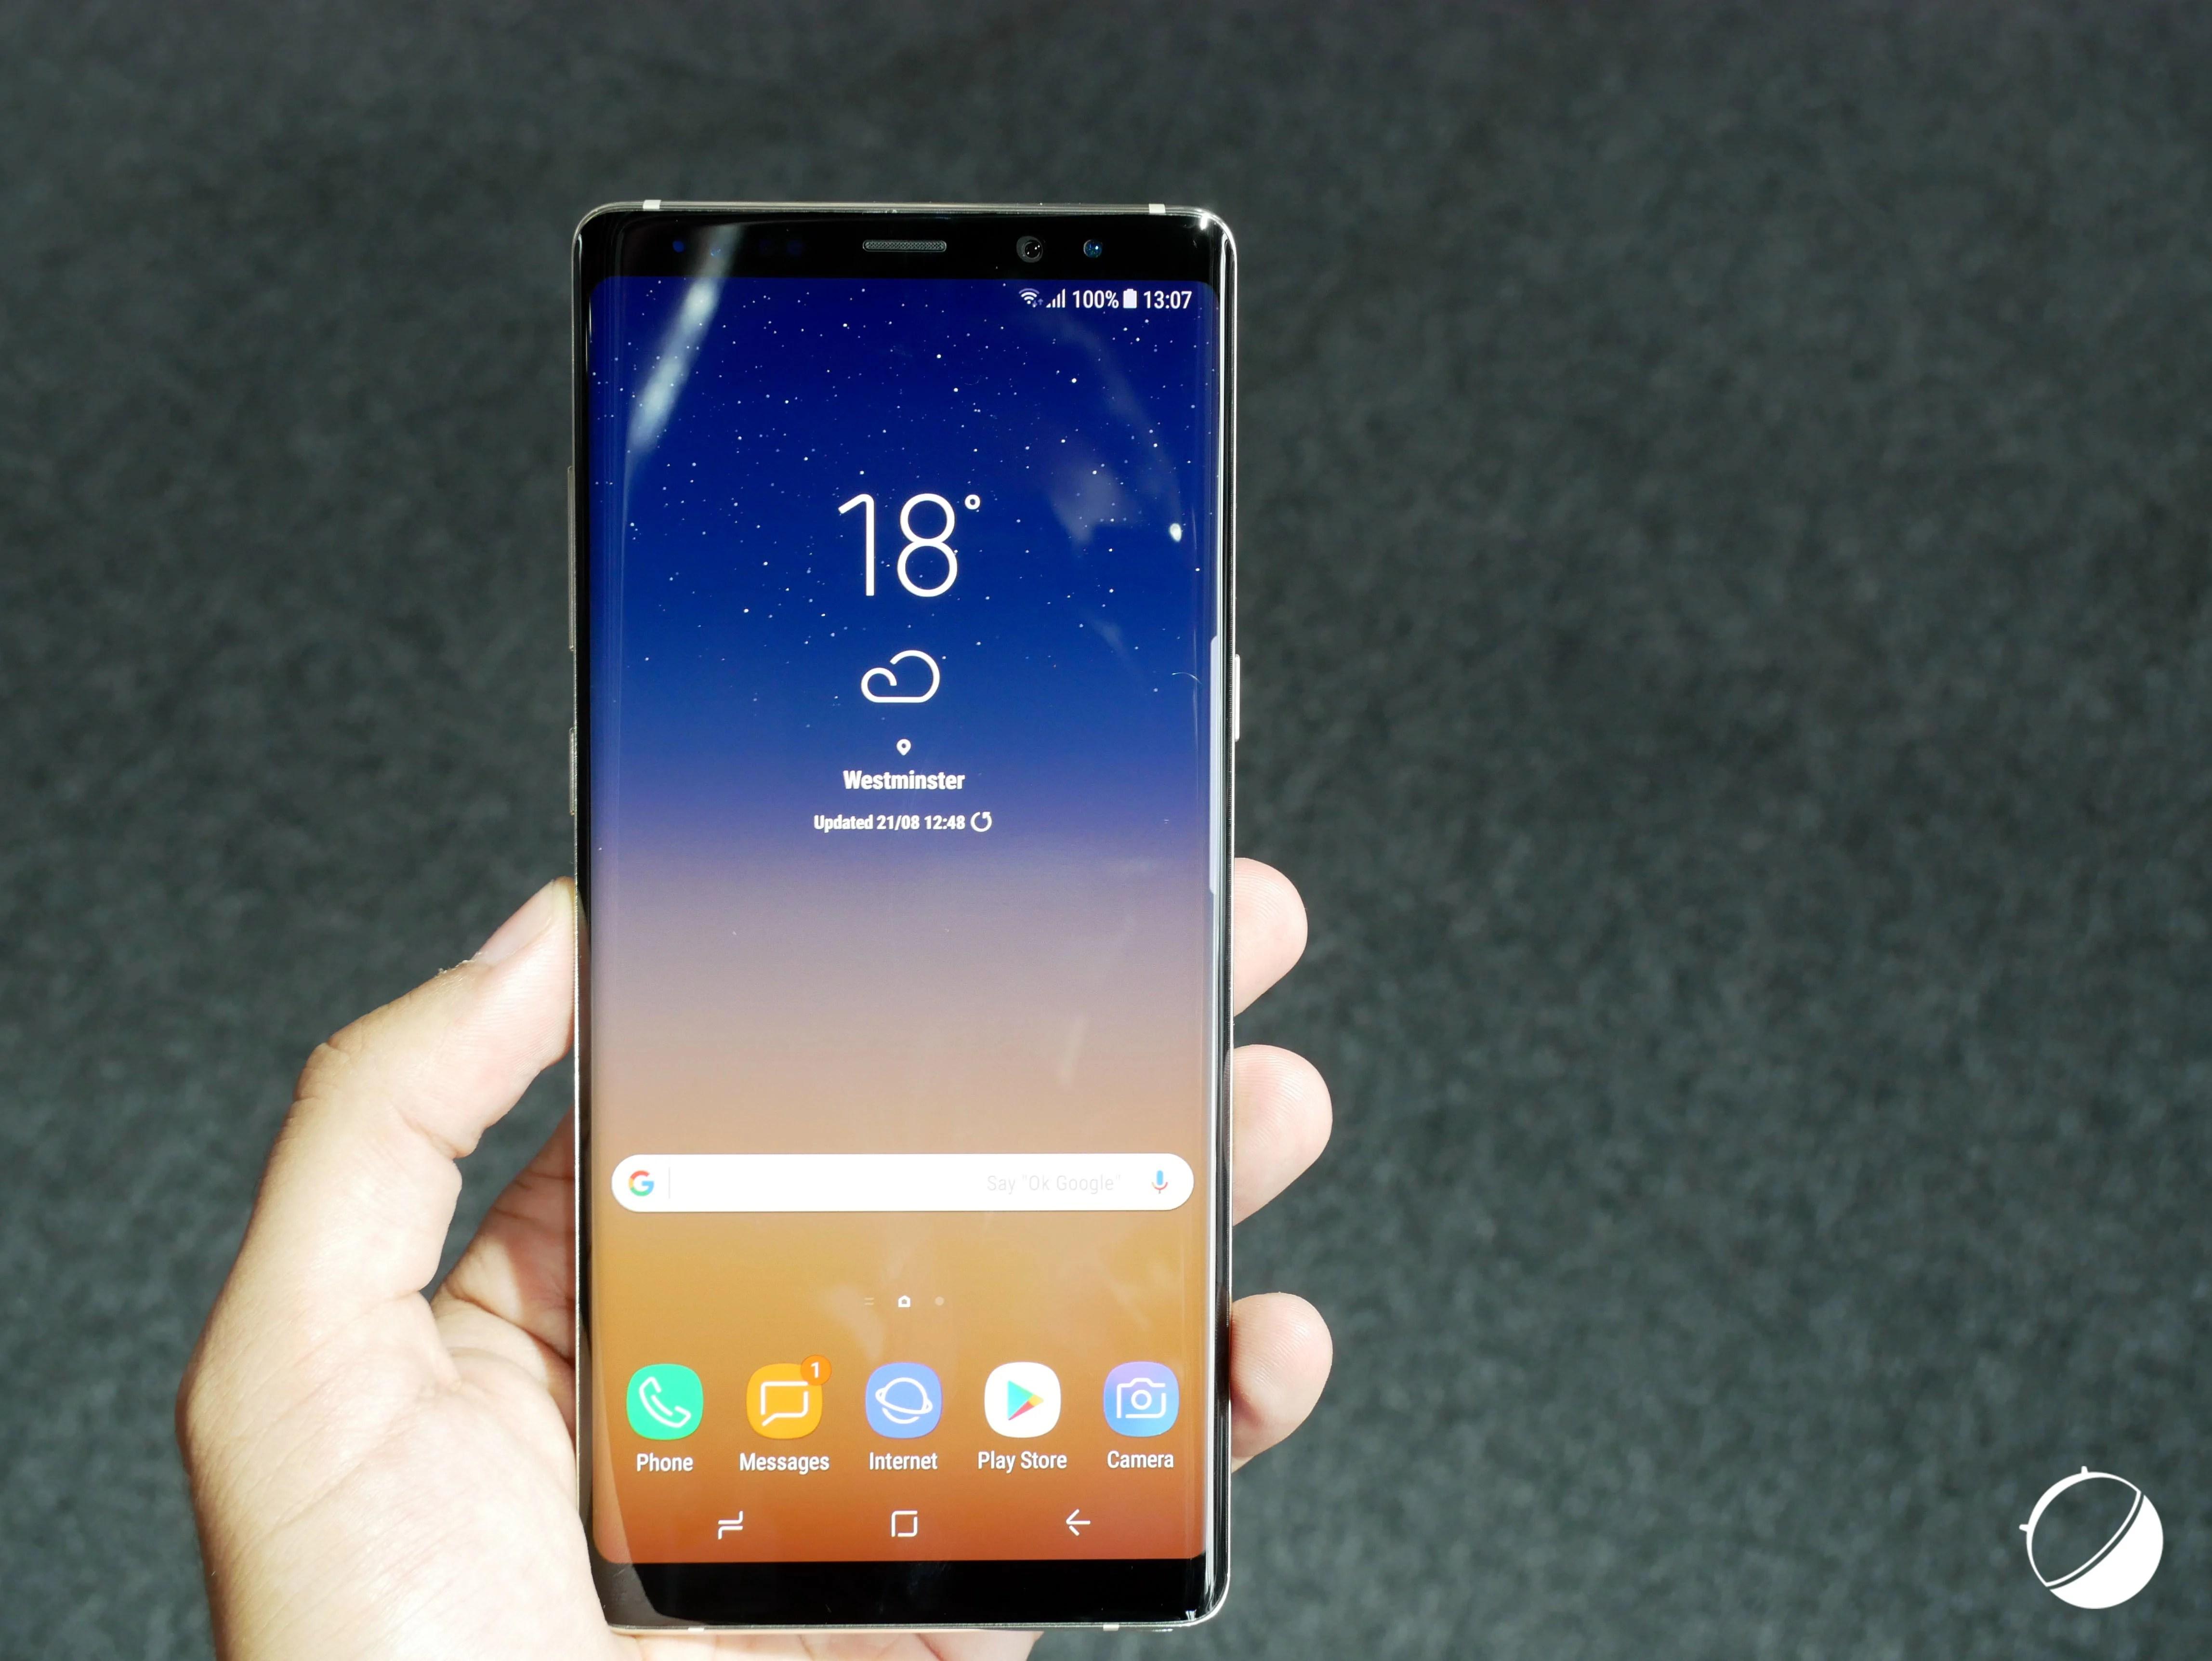 Prise en main Samsung Galaxy Note 8: prêt à payer plus de 1000 euros?